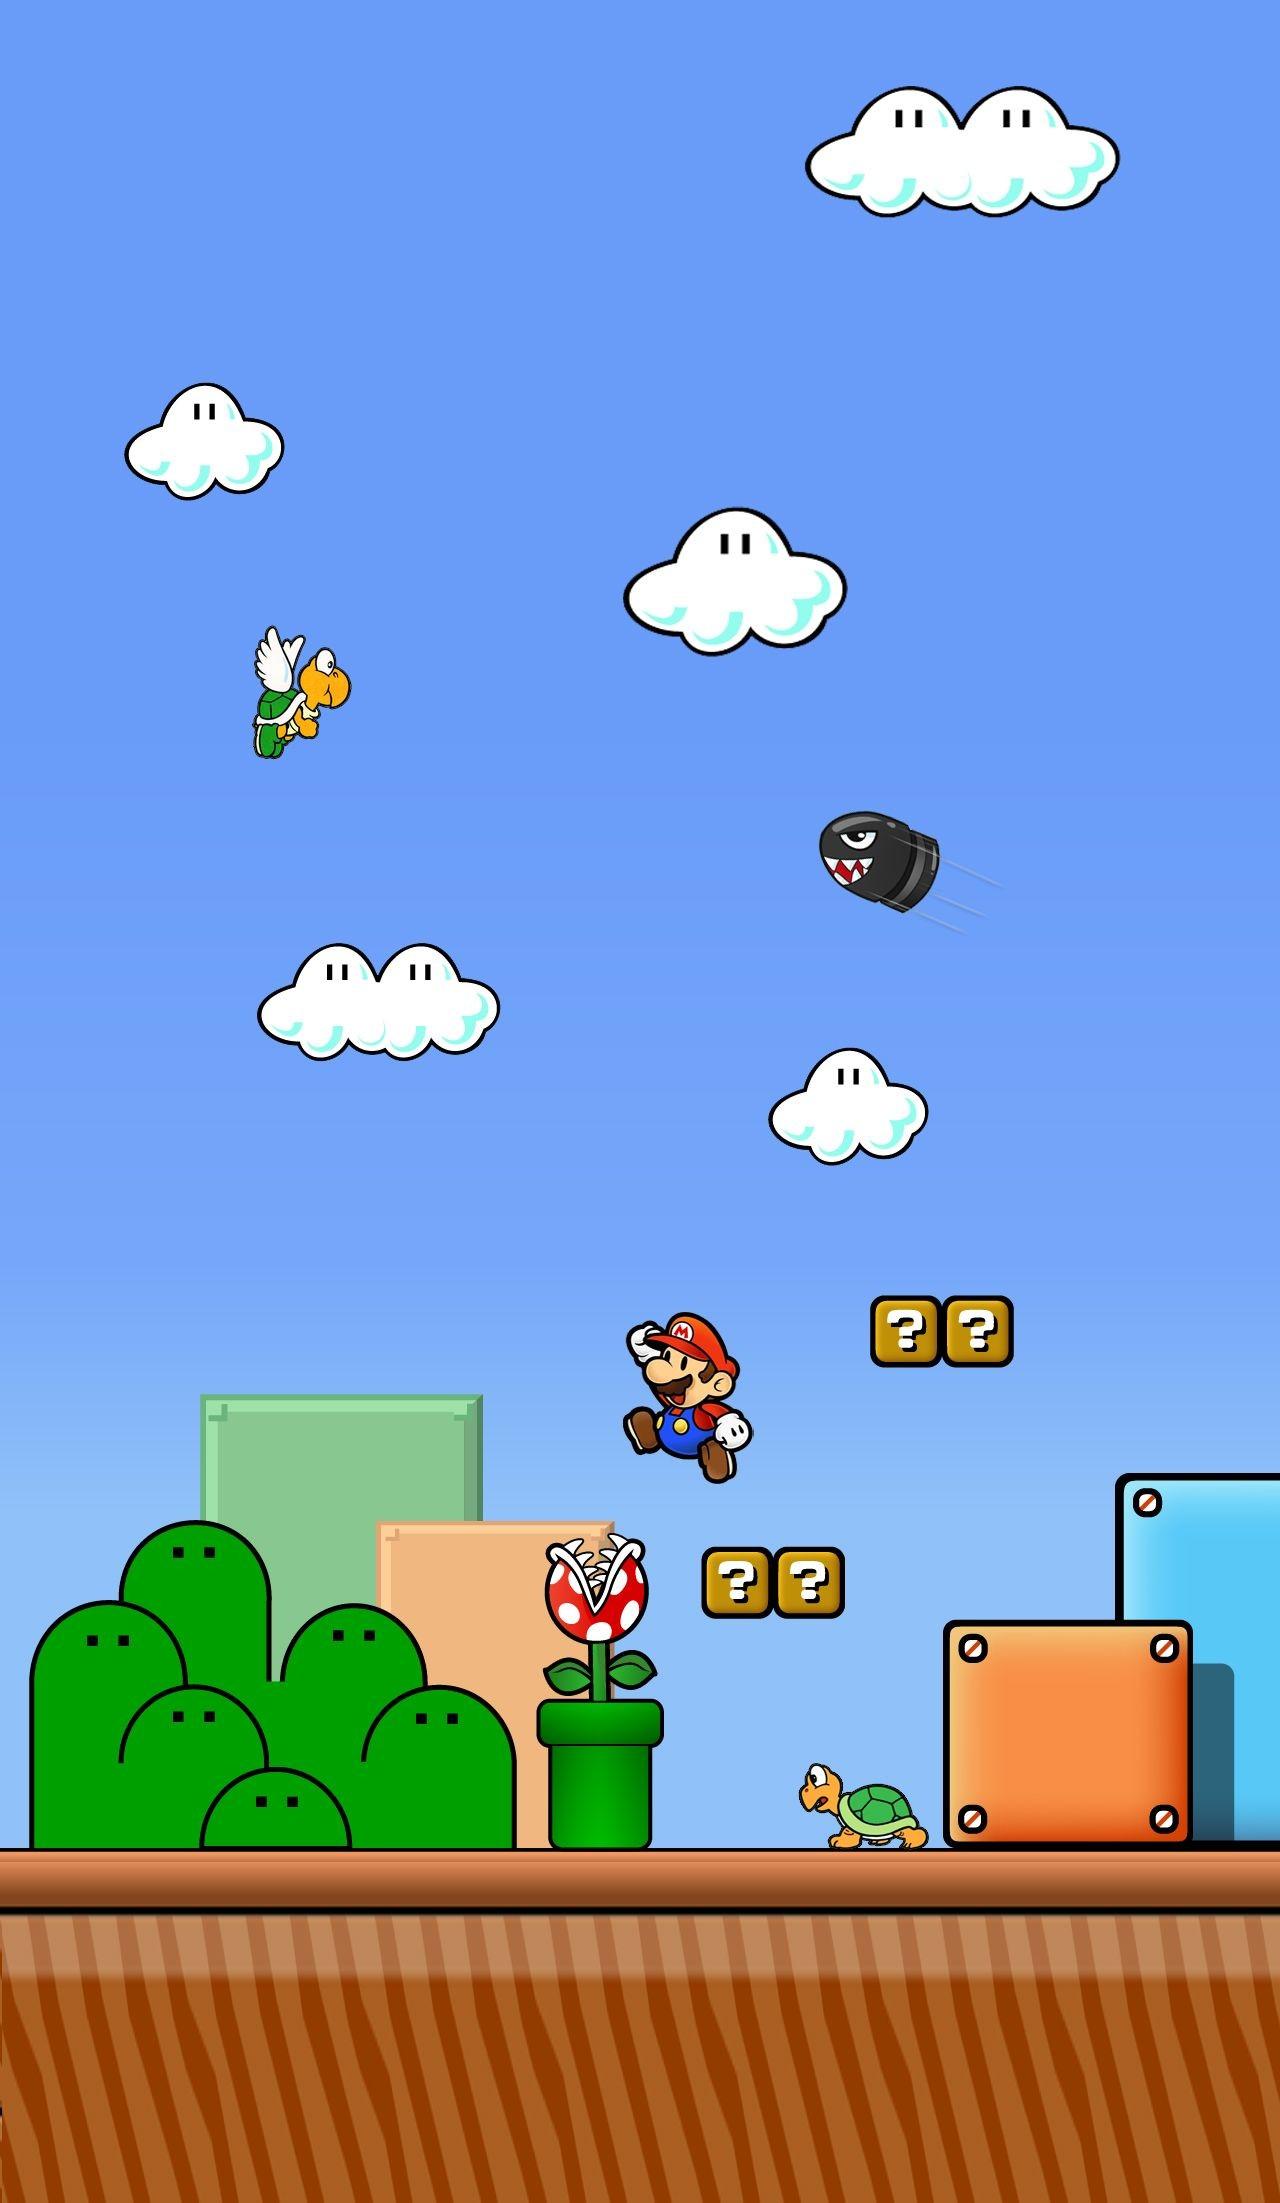 21 Bit Mario Wallpaper Picserio   Iphone X Super Mario   12210x21 ...